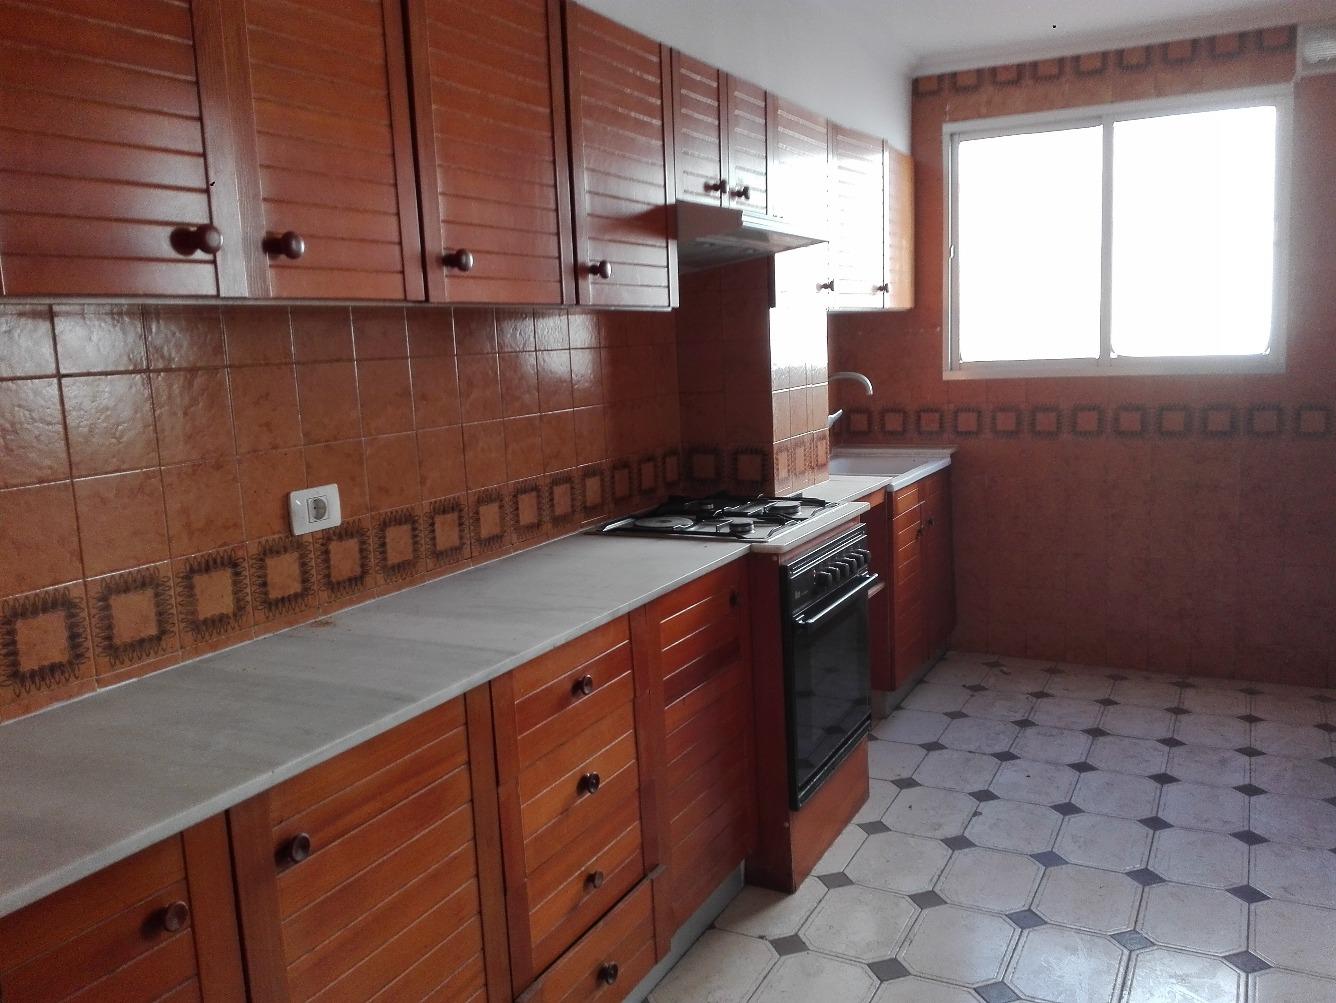 Piso en venta  en Camino SAN JOSE, Castellón de la Plana / Castelló de la Plana